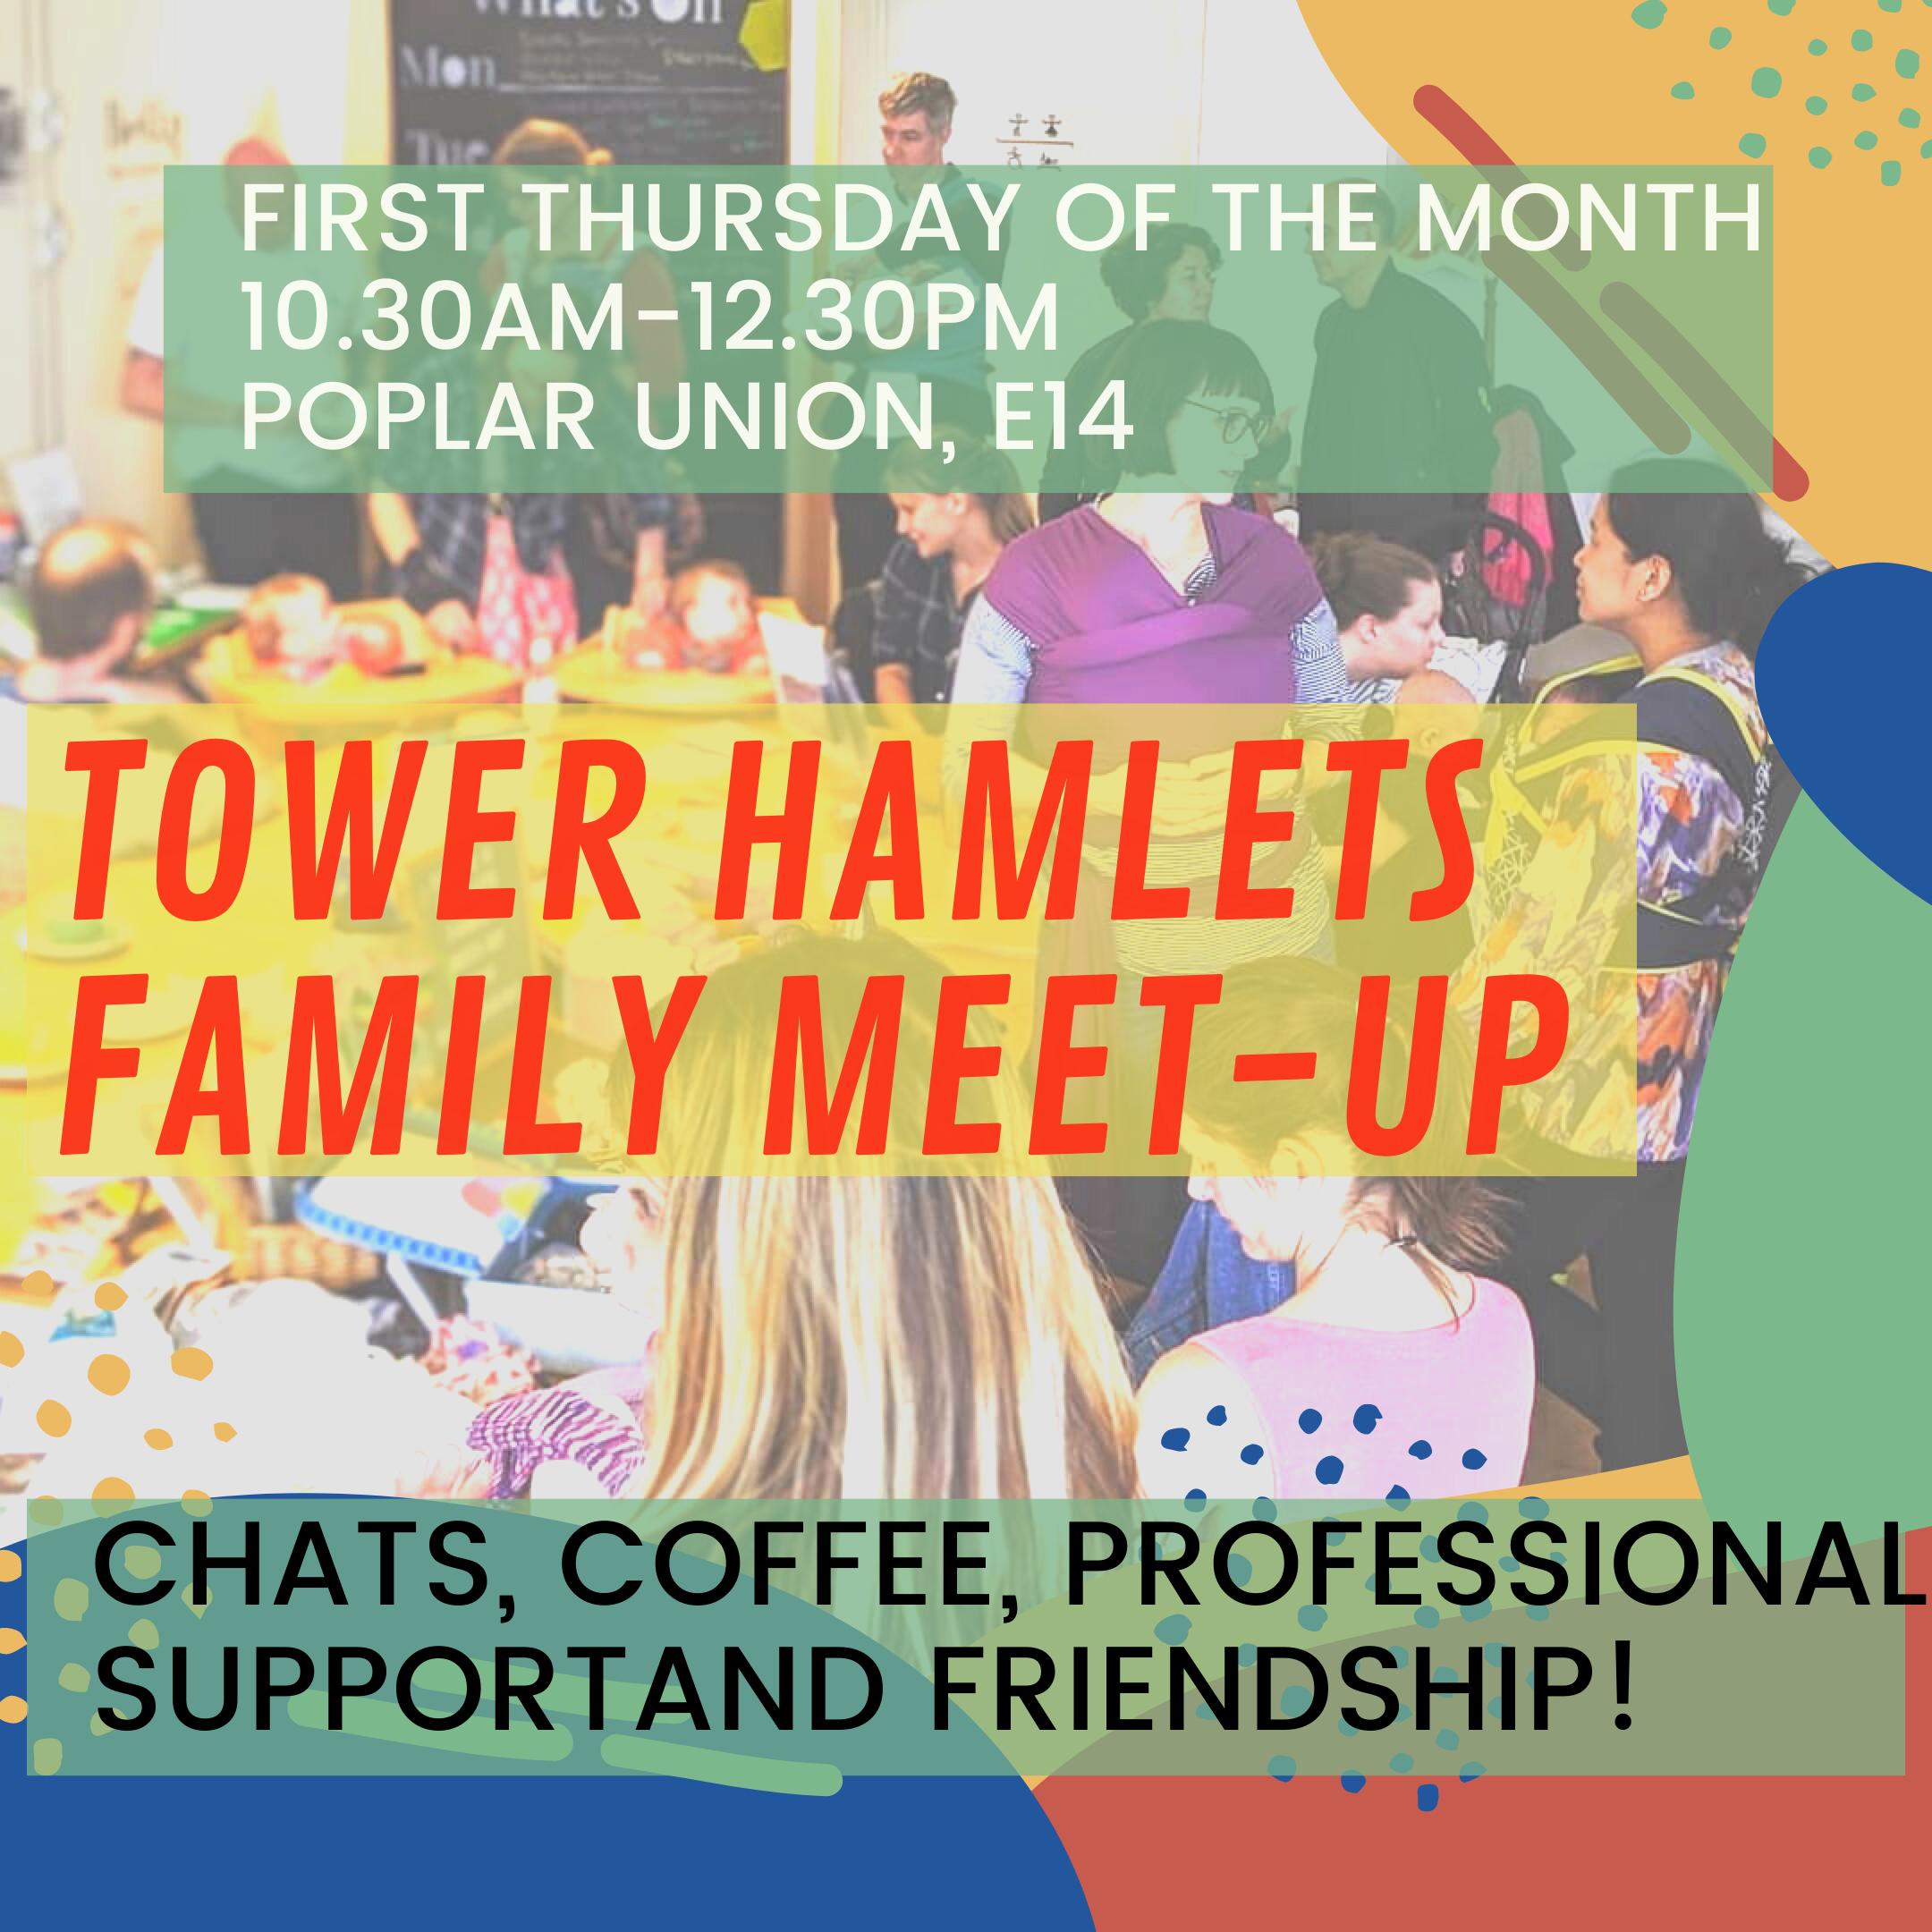 Tower Hamlets Family